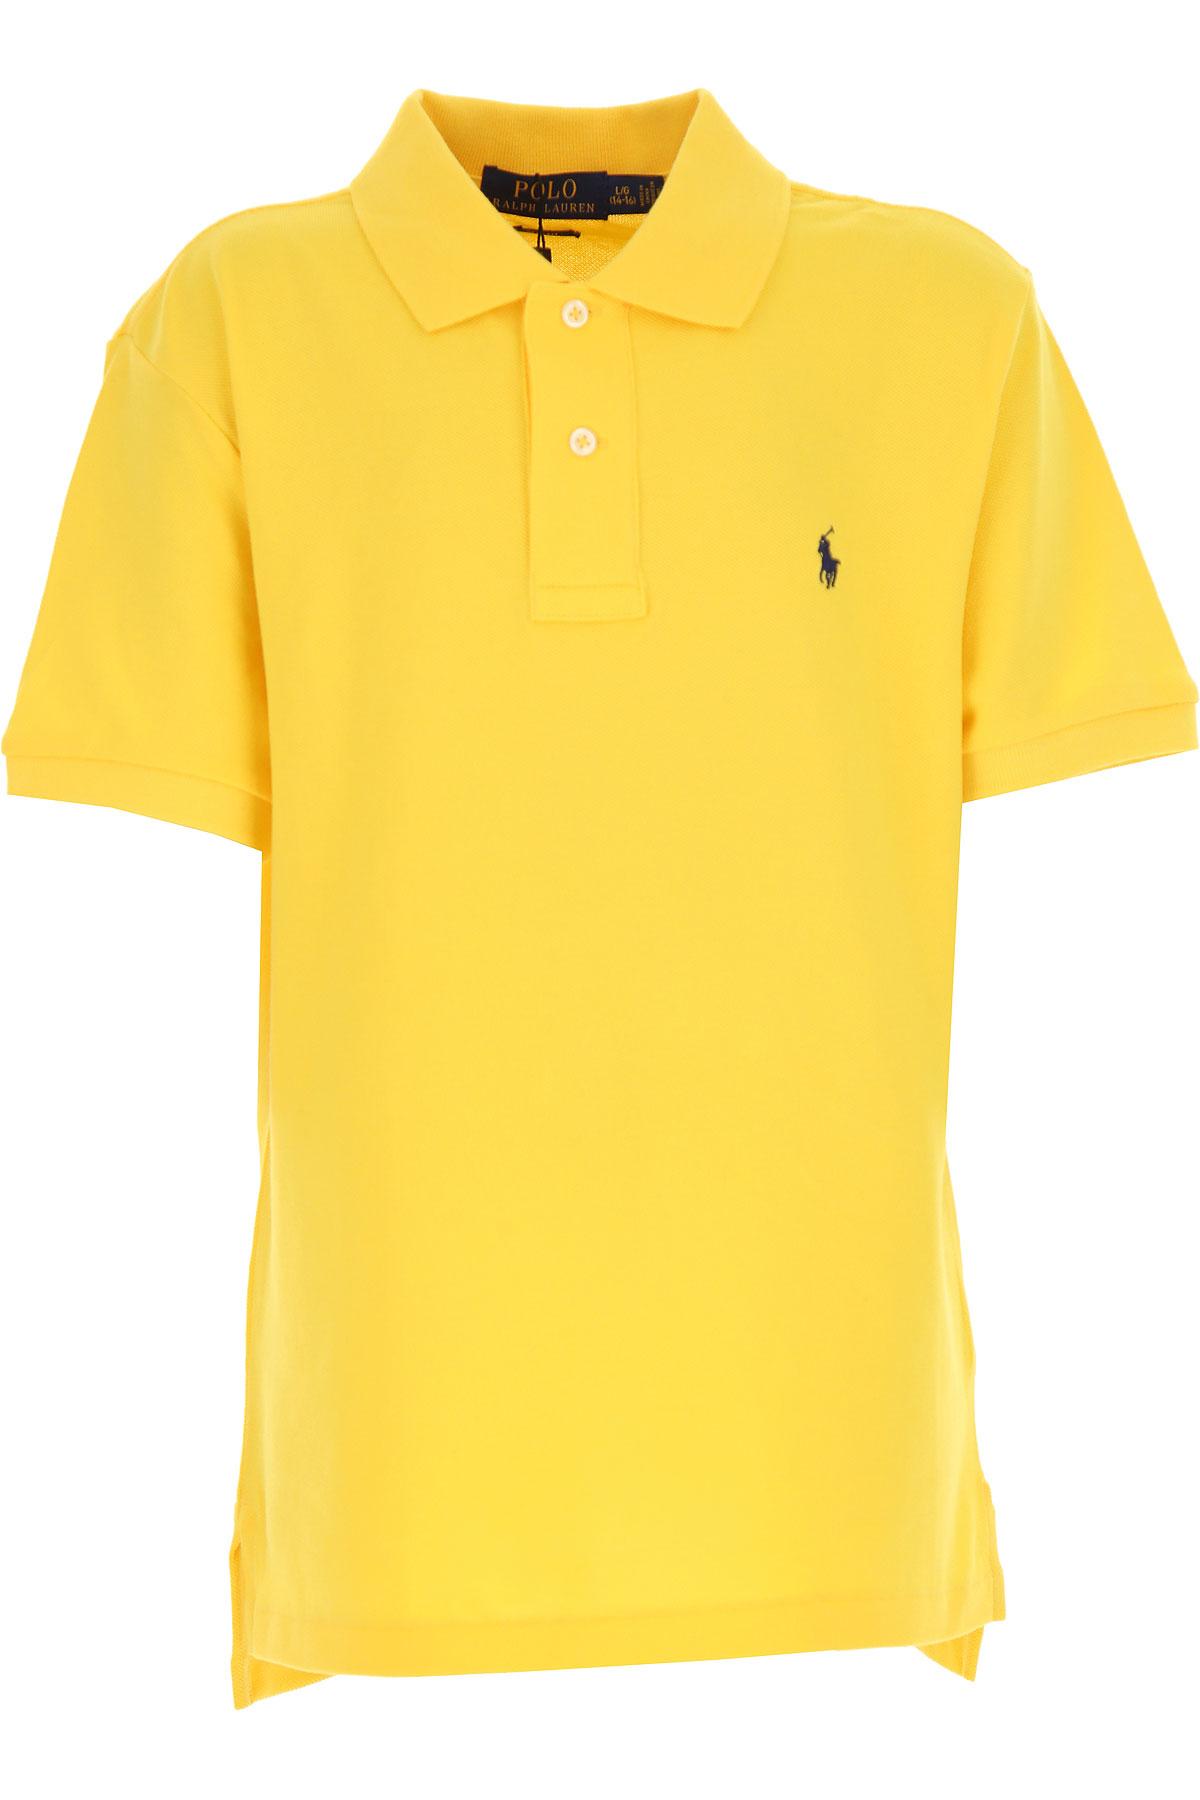 Ralph LaurenStyle Ralph Kidswear Code323708857024 LaurenStyle Kidswear Kidswear Code323708857024 3JlFK1Tc